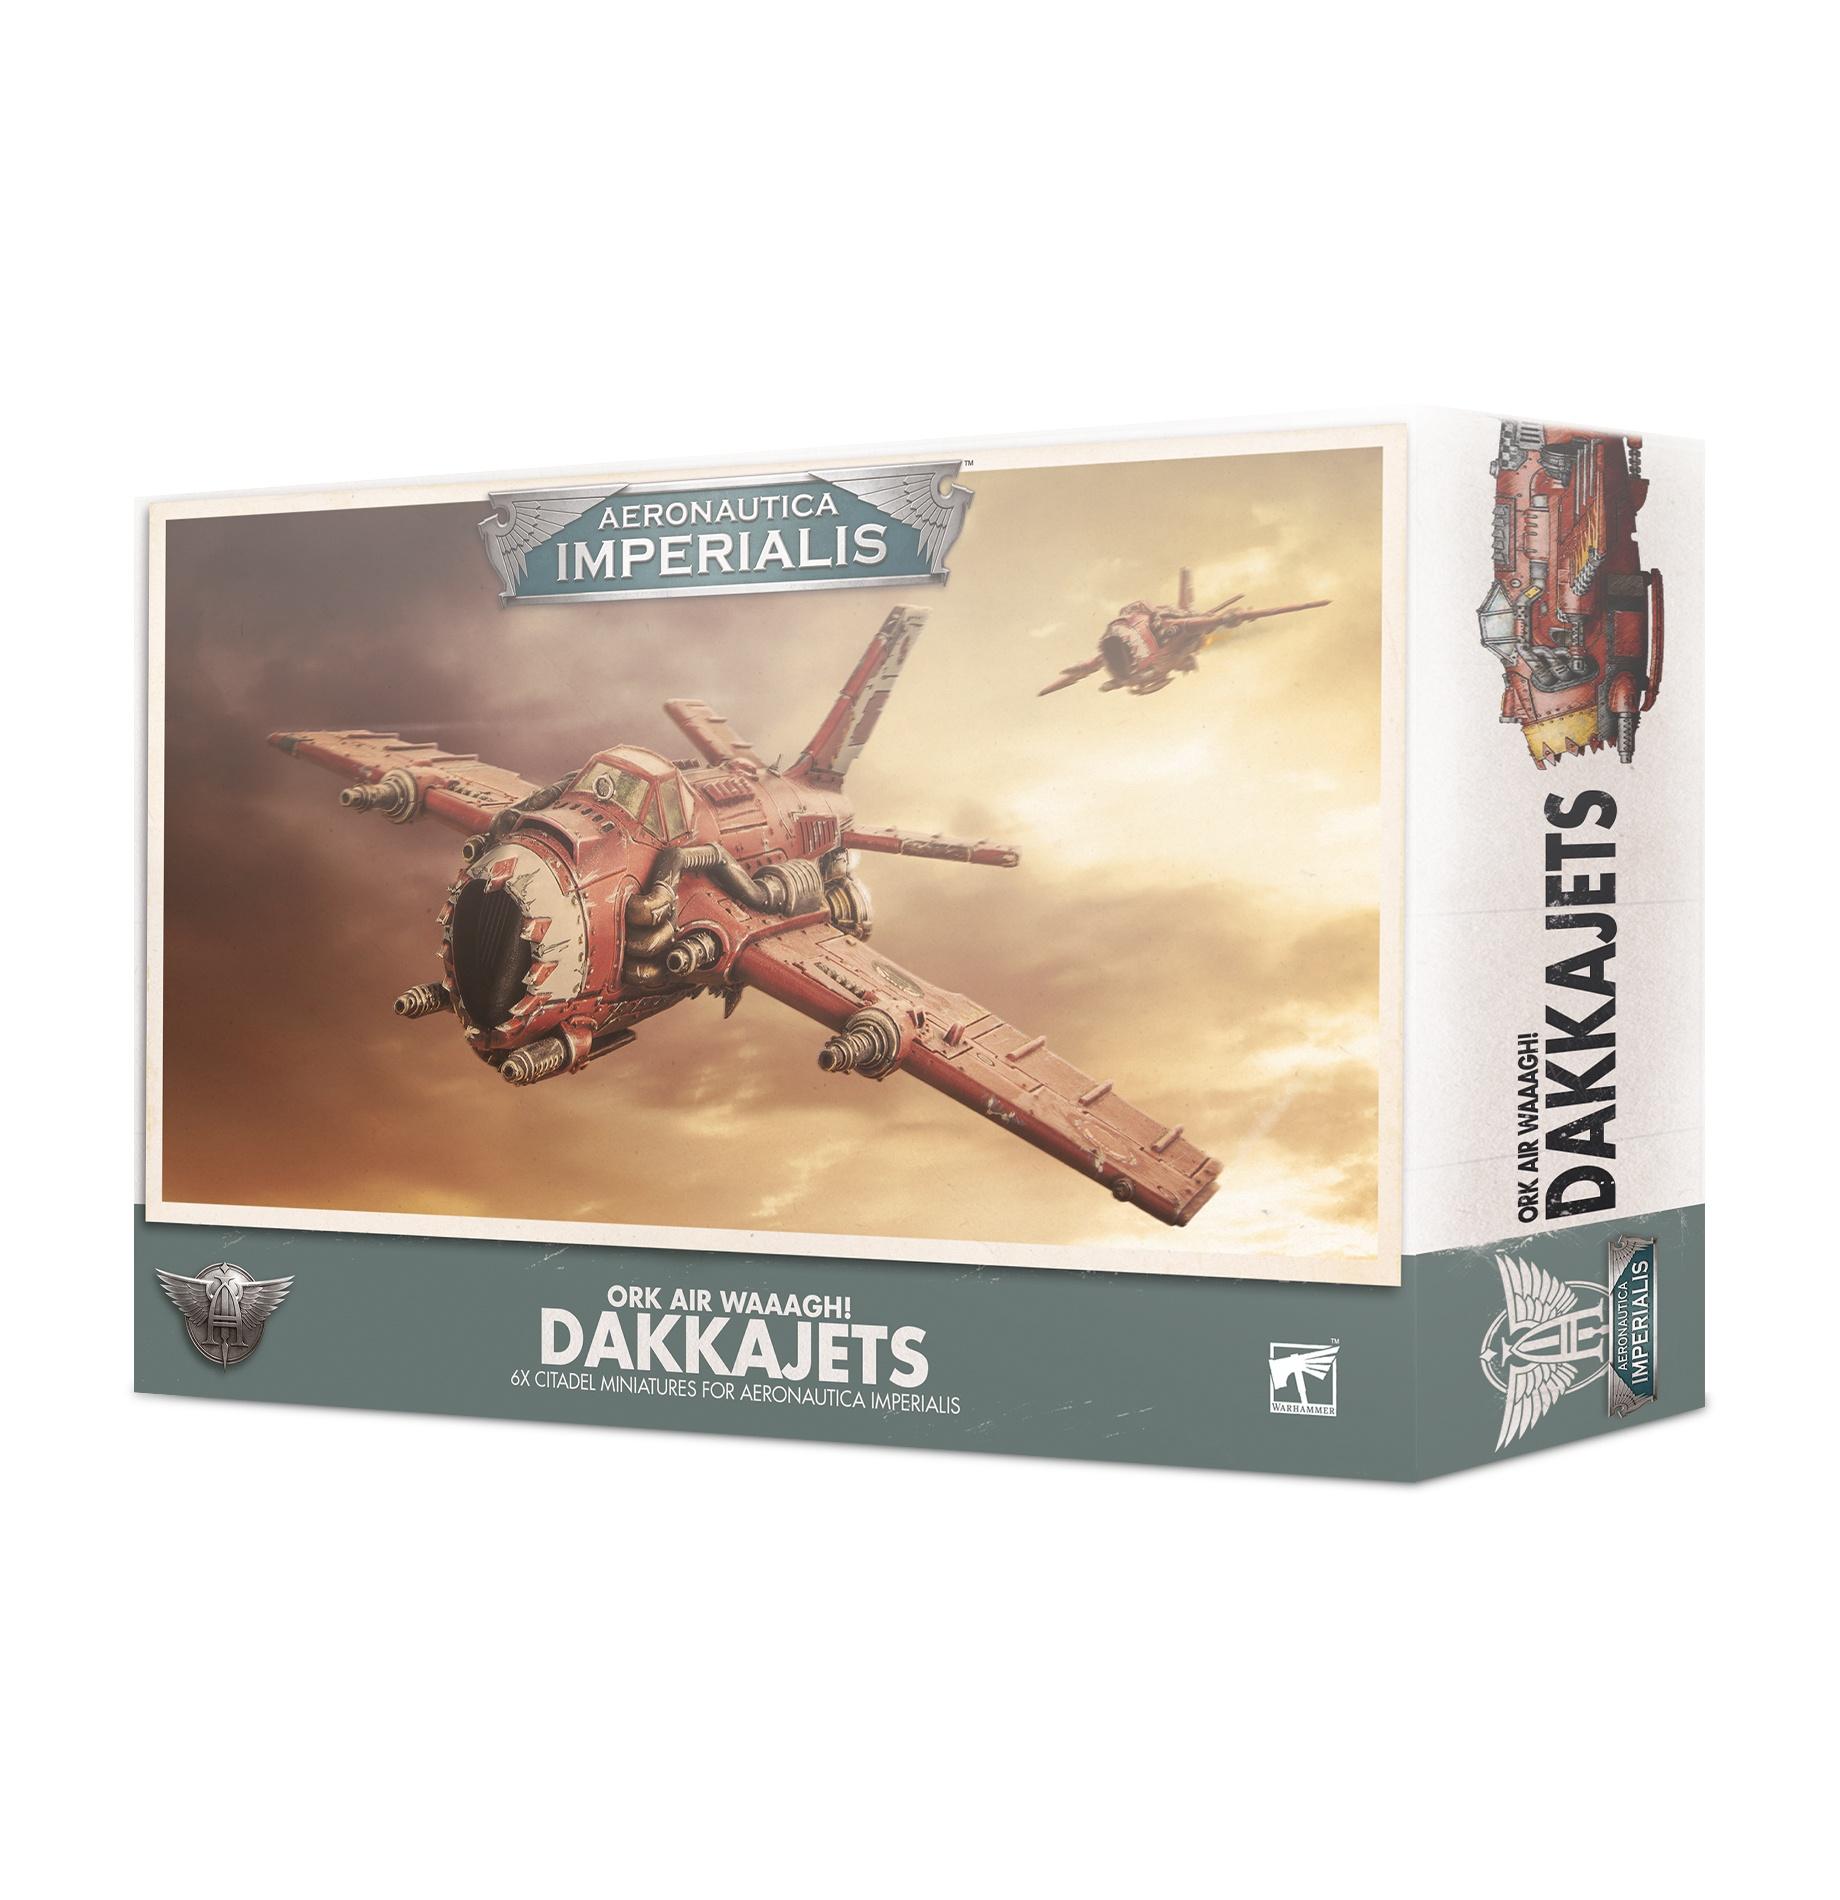 Dakkajets, Ork Air Waaagh! Aeronautica Imperialis